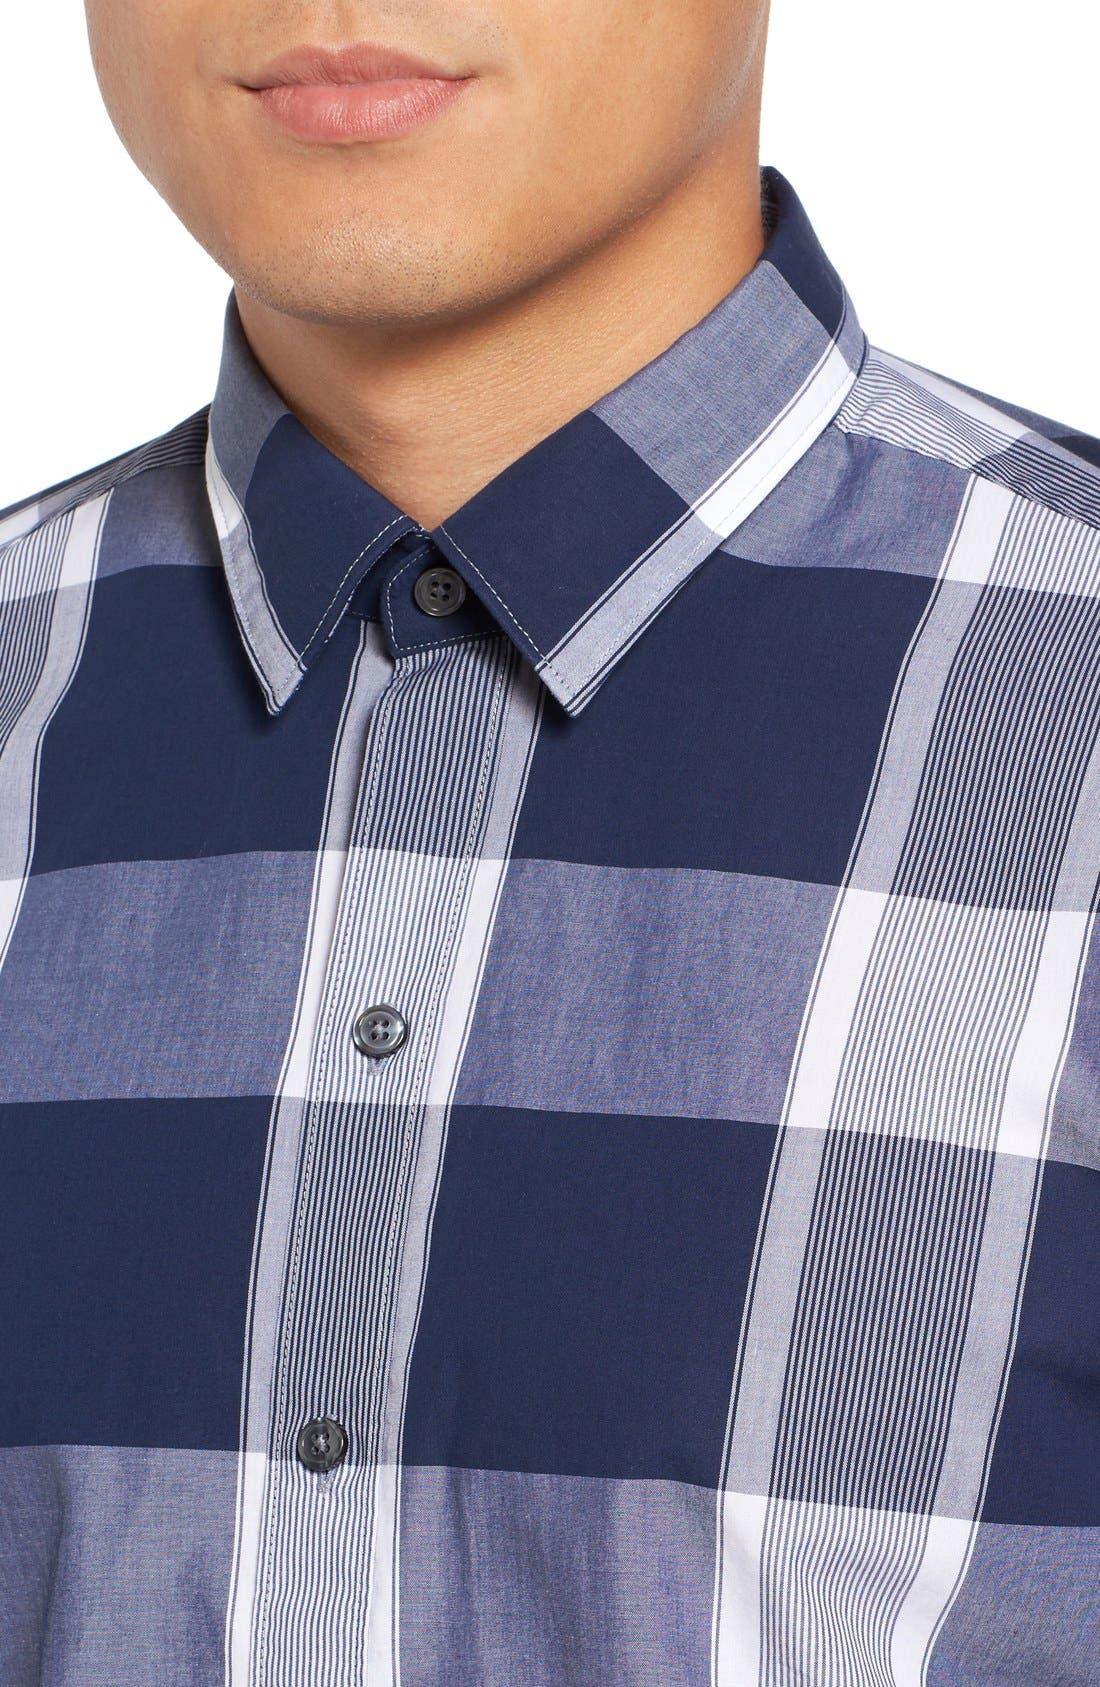 Trim Fit Check Sport Shirt,                             Alternate thumbnail 4, color,                             402